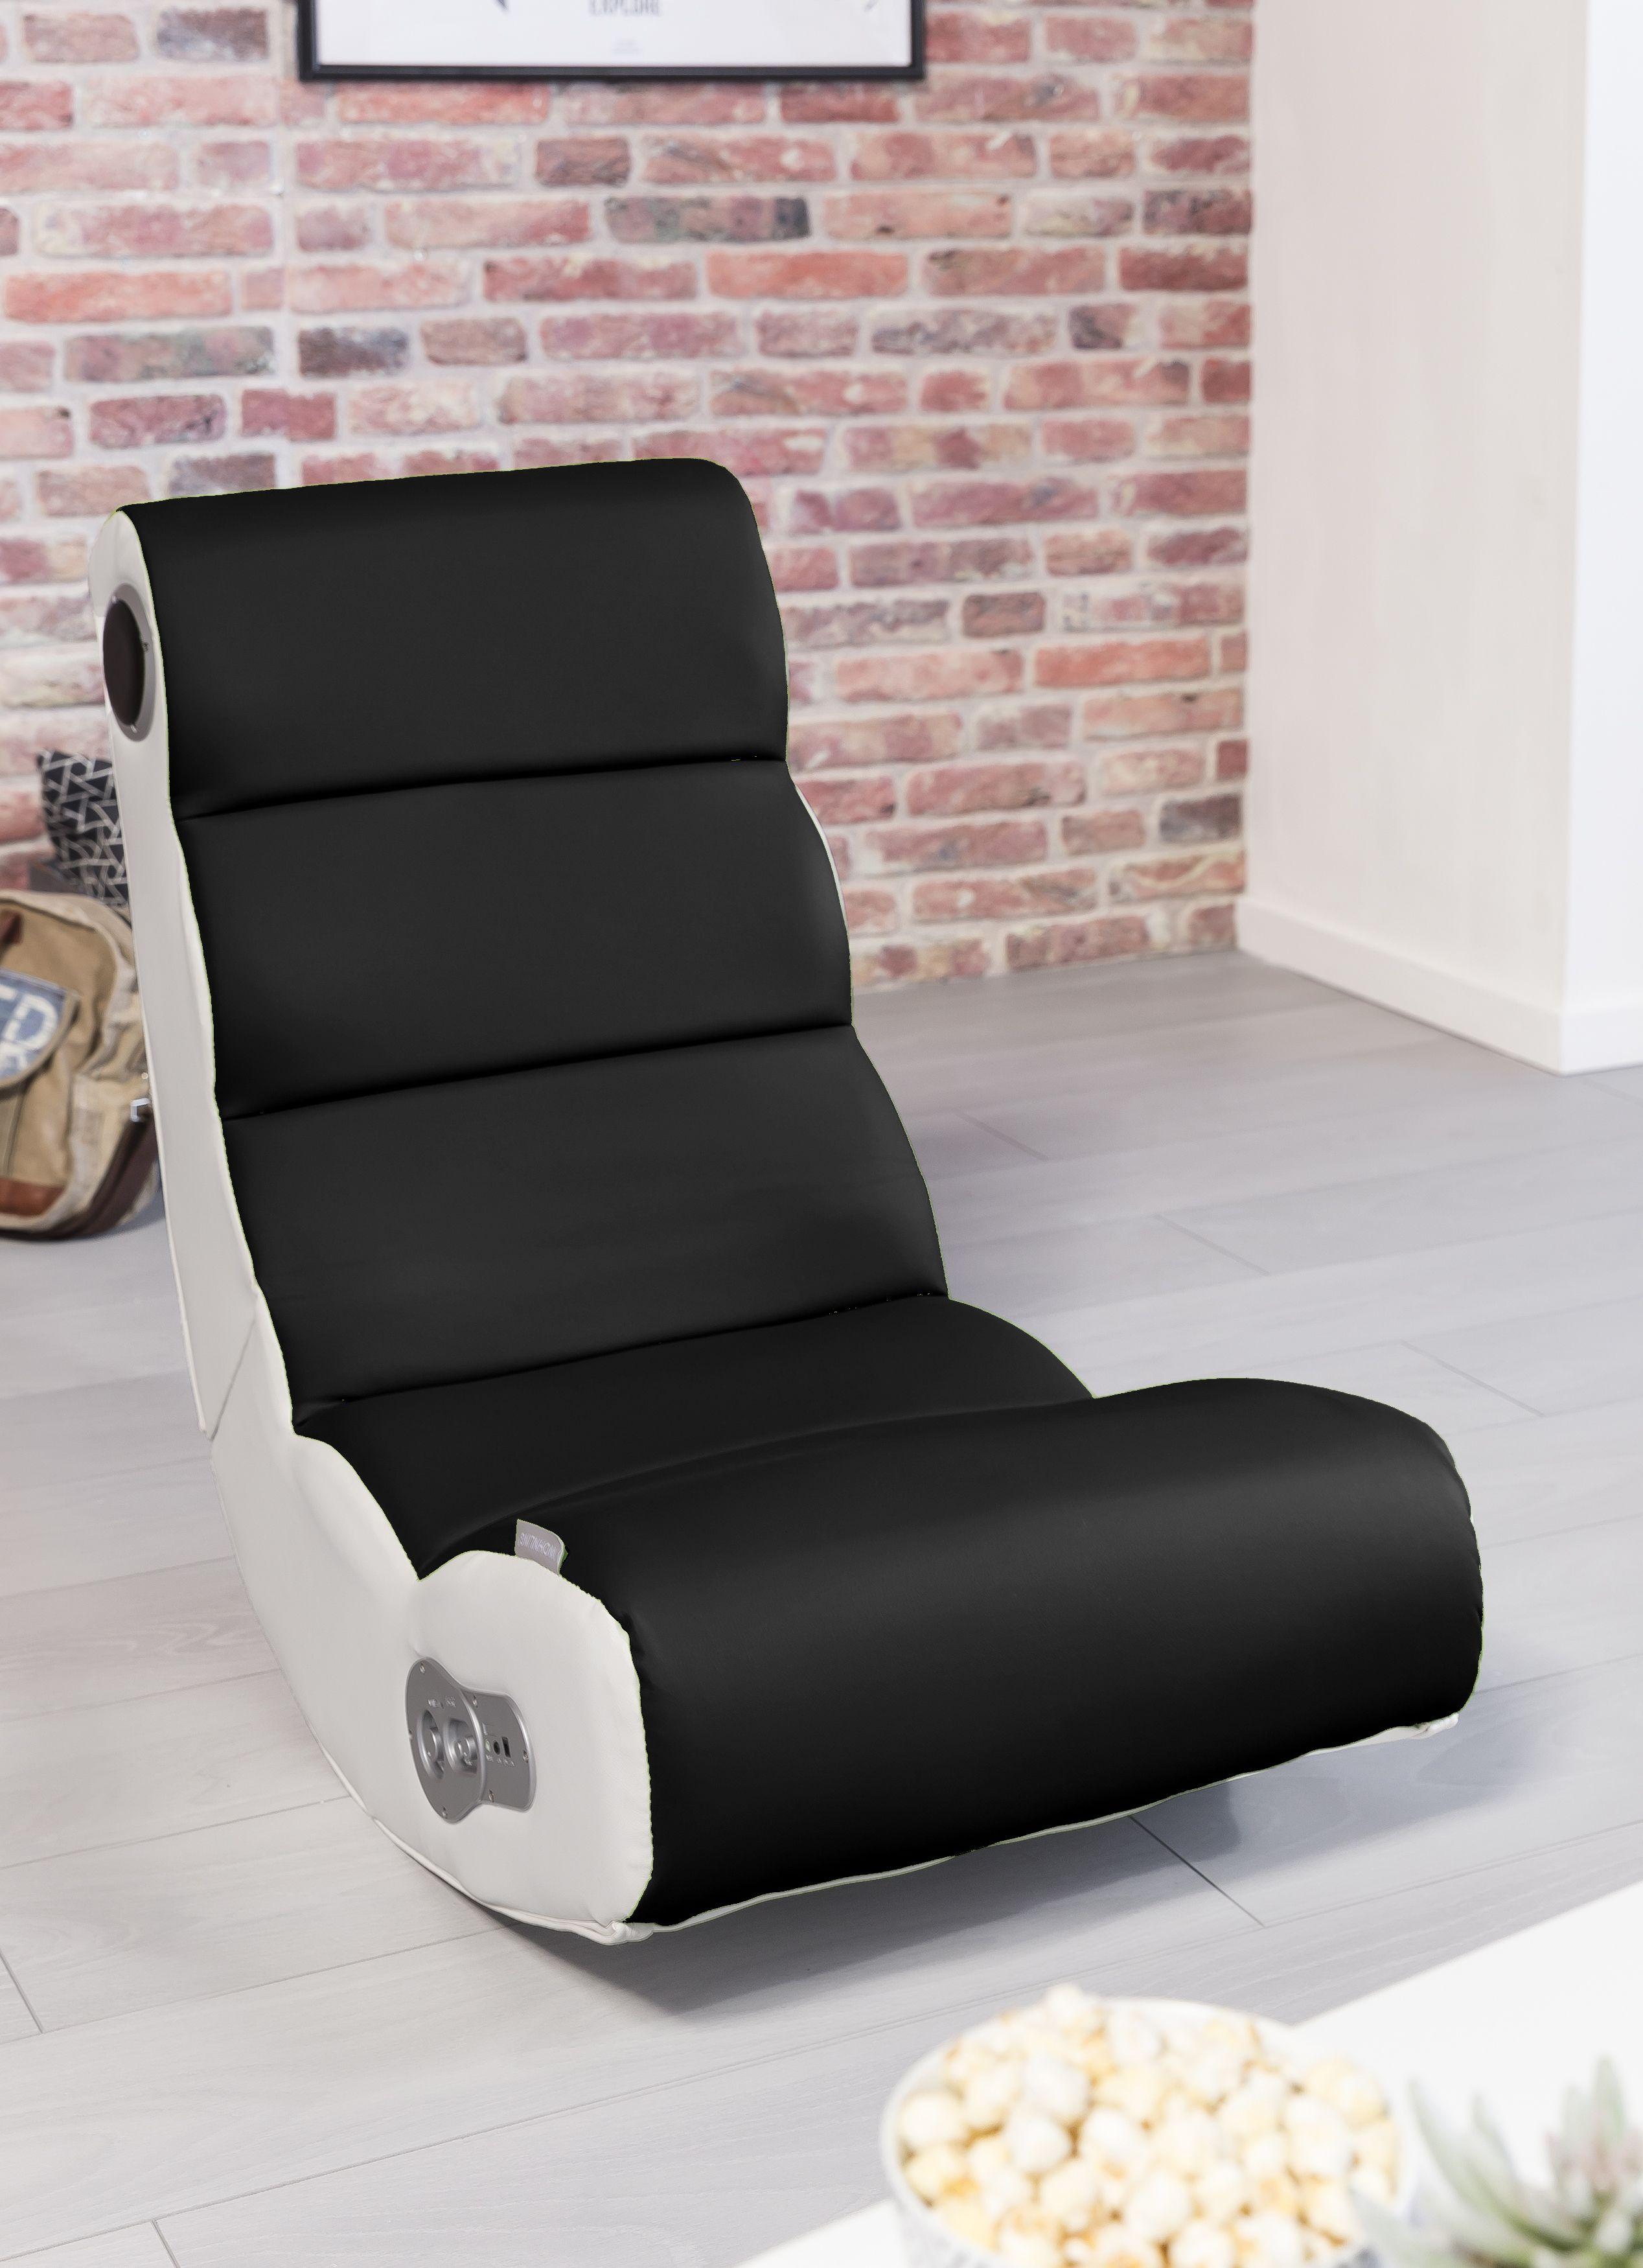 Wohnling Wooble Soundchair Schwarz Mit Bluetooth Wl8 016 Aus Kunstleder Wohnzimmer Gaming Sessel Spielen Kinderzimmer Relaxsessel Sessel Relaxsessel Musik